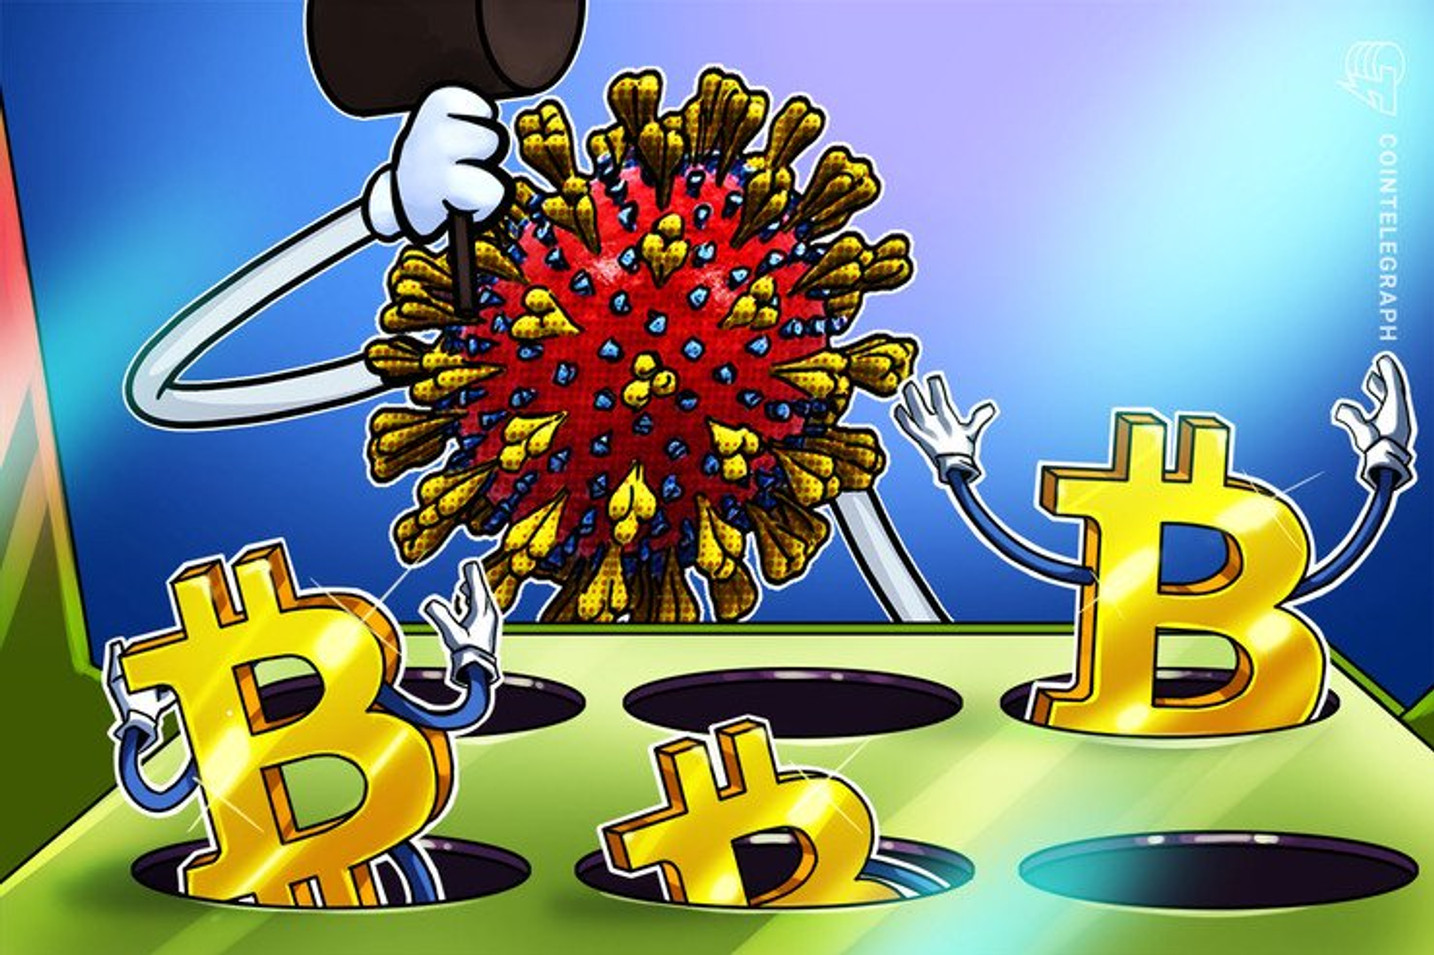 コロナショック以降、仮想通貨投資家の意識の変化は?=コインチェックがユーザー調査